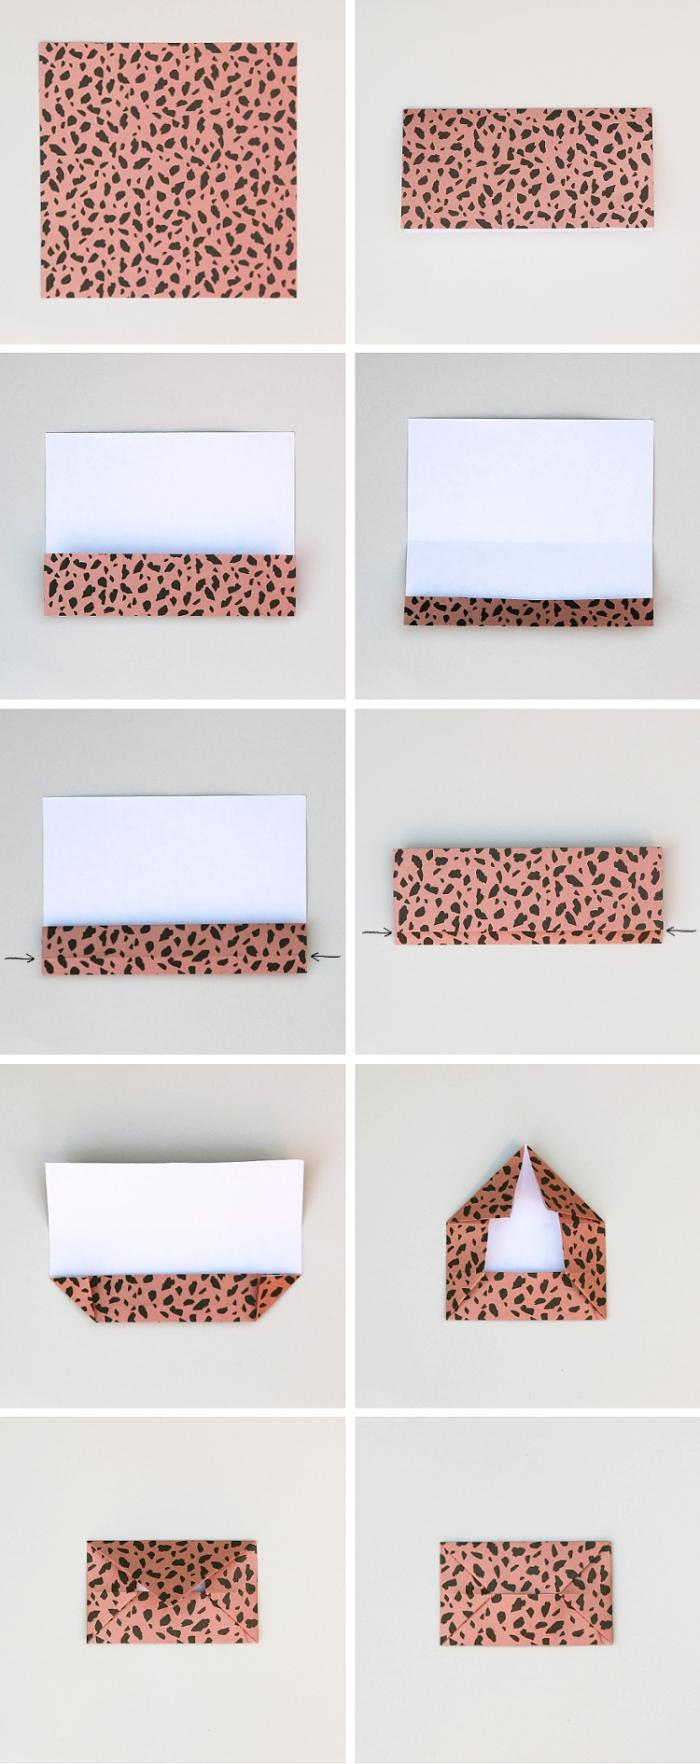 explications détaillés pour réaliser une enveloppe en origami facile en papier imprimé terrazzo couleur terracotta